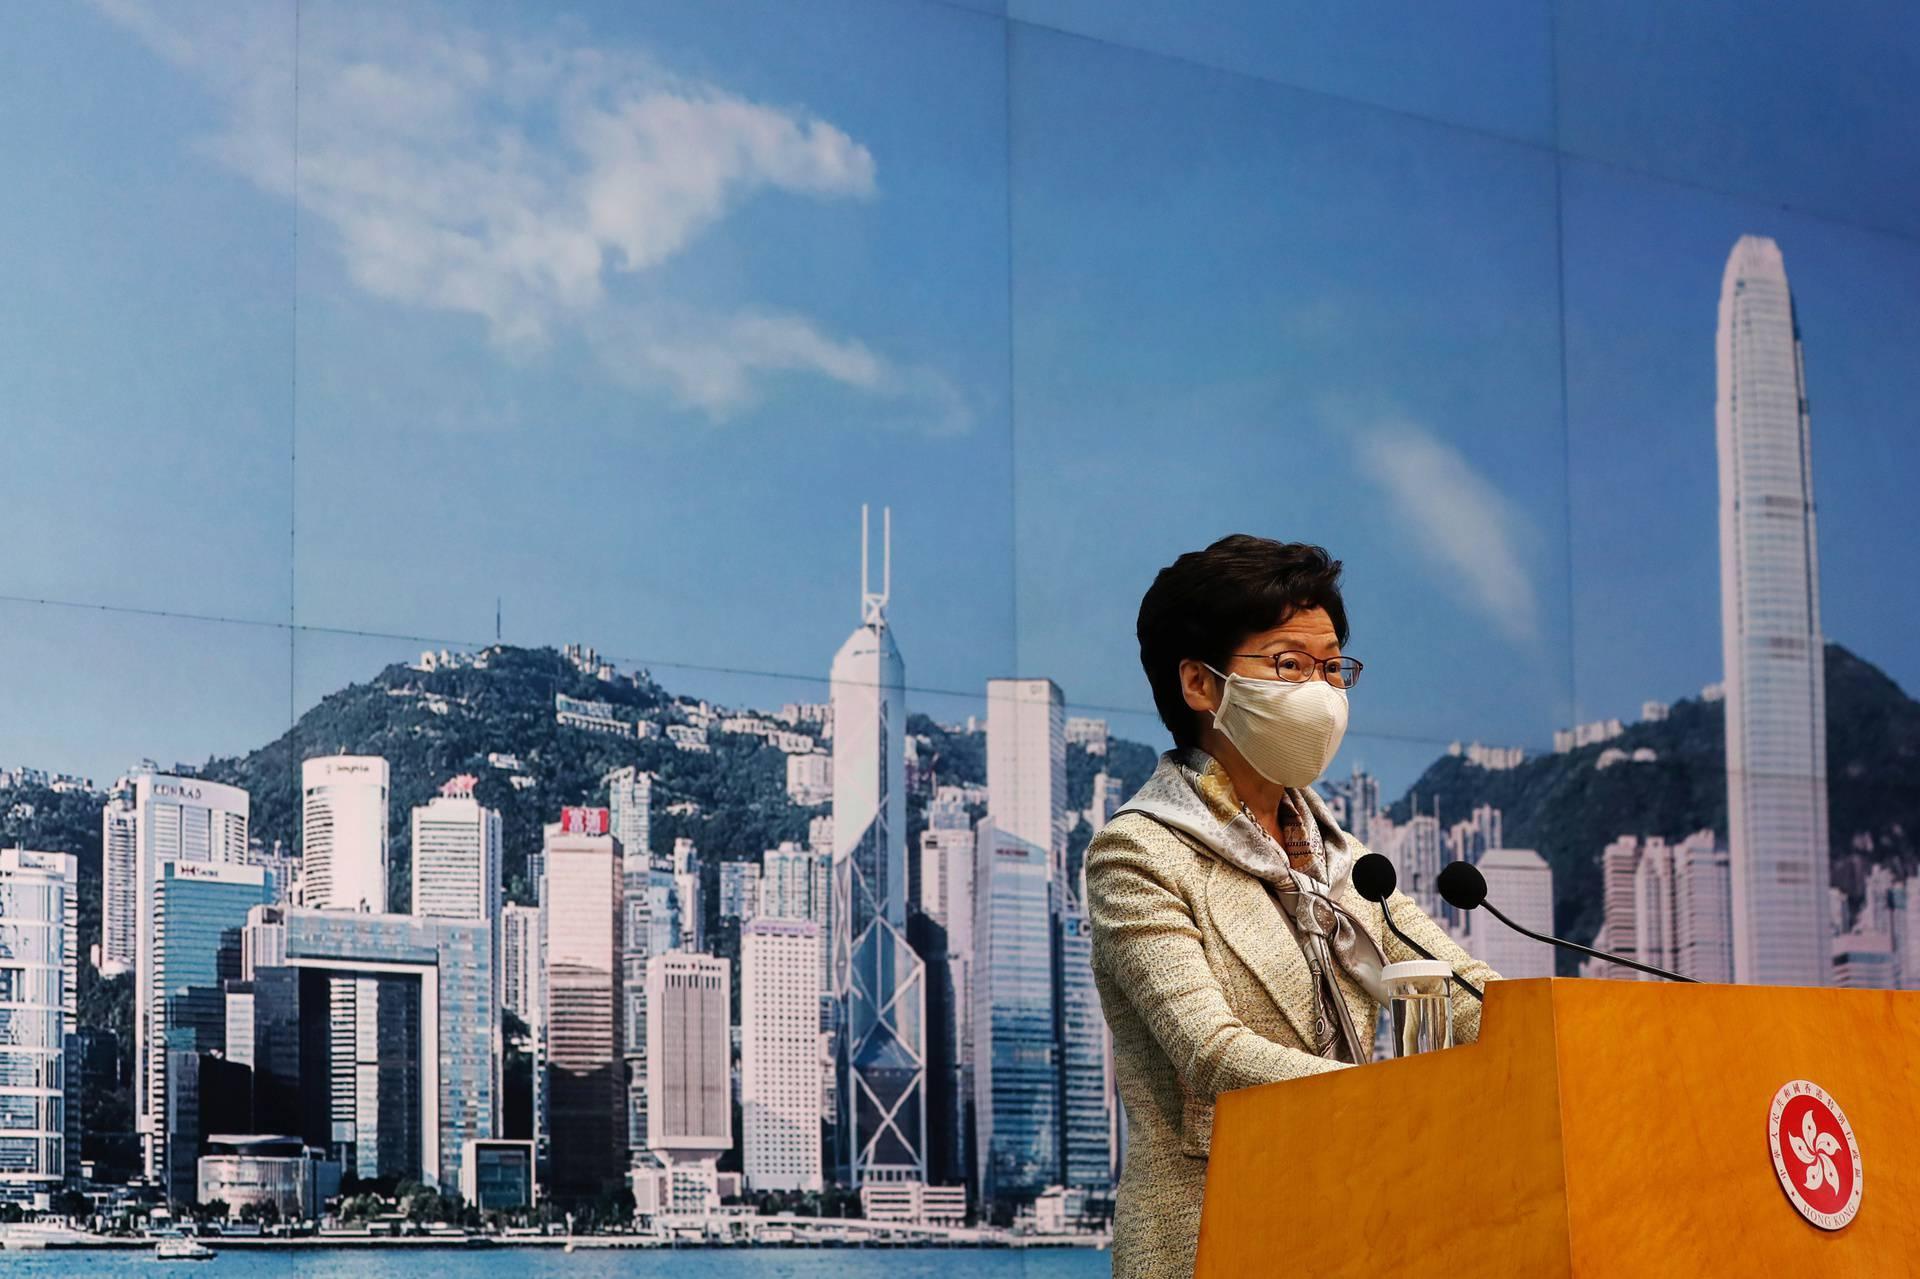 Hong Kong odlučio: Zakon o sigurnost će 'provoditi odlučno'